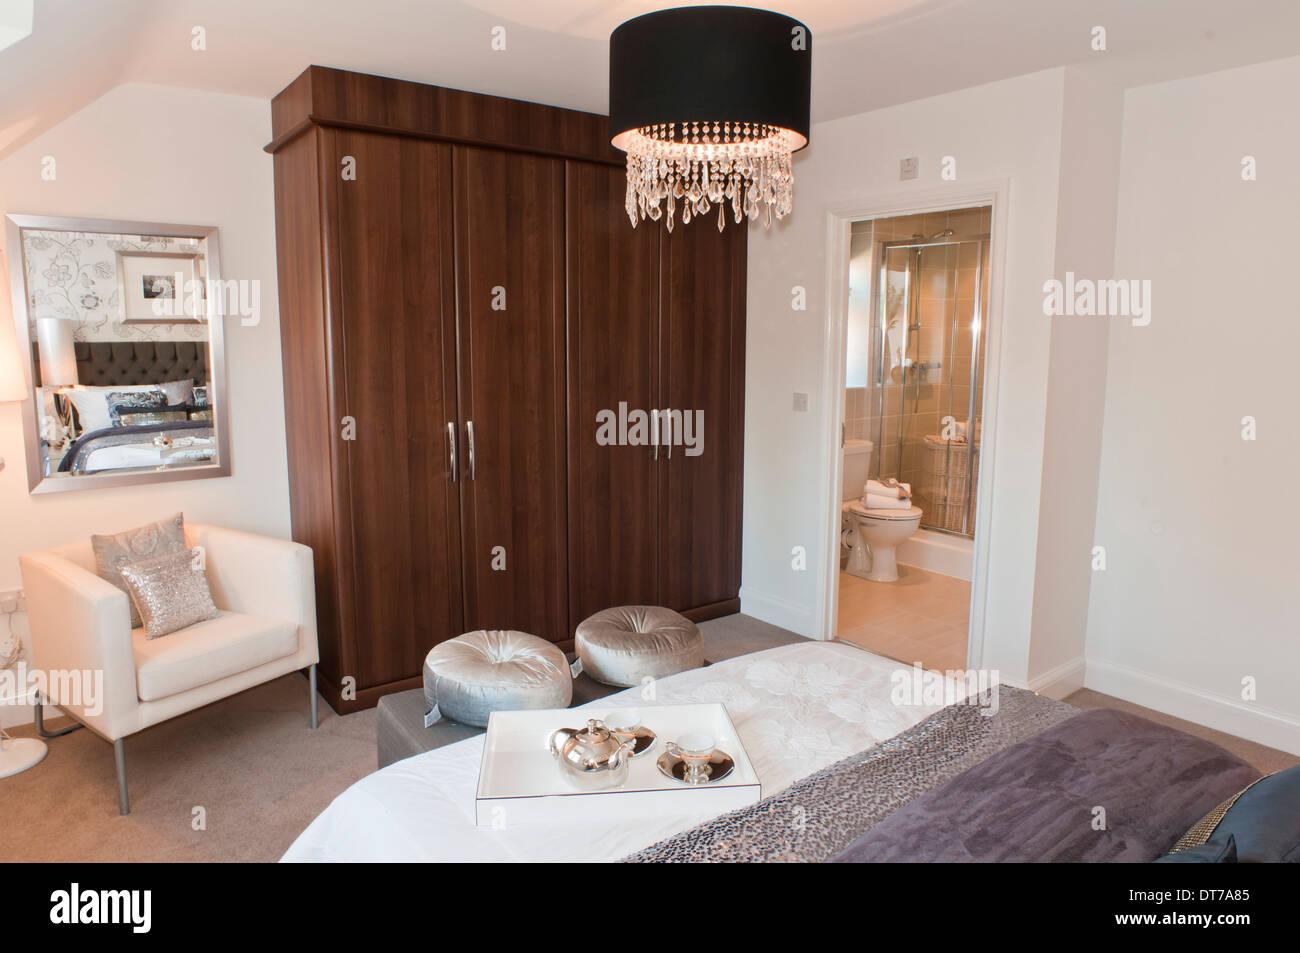 Camere arredate in stile contemporaneo camera da letto matrimoniale ...